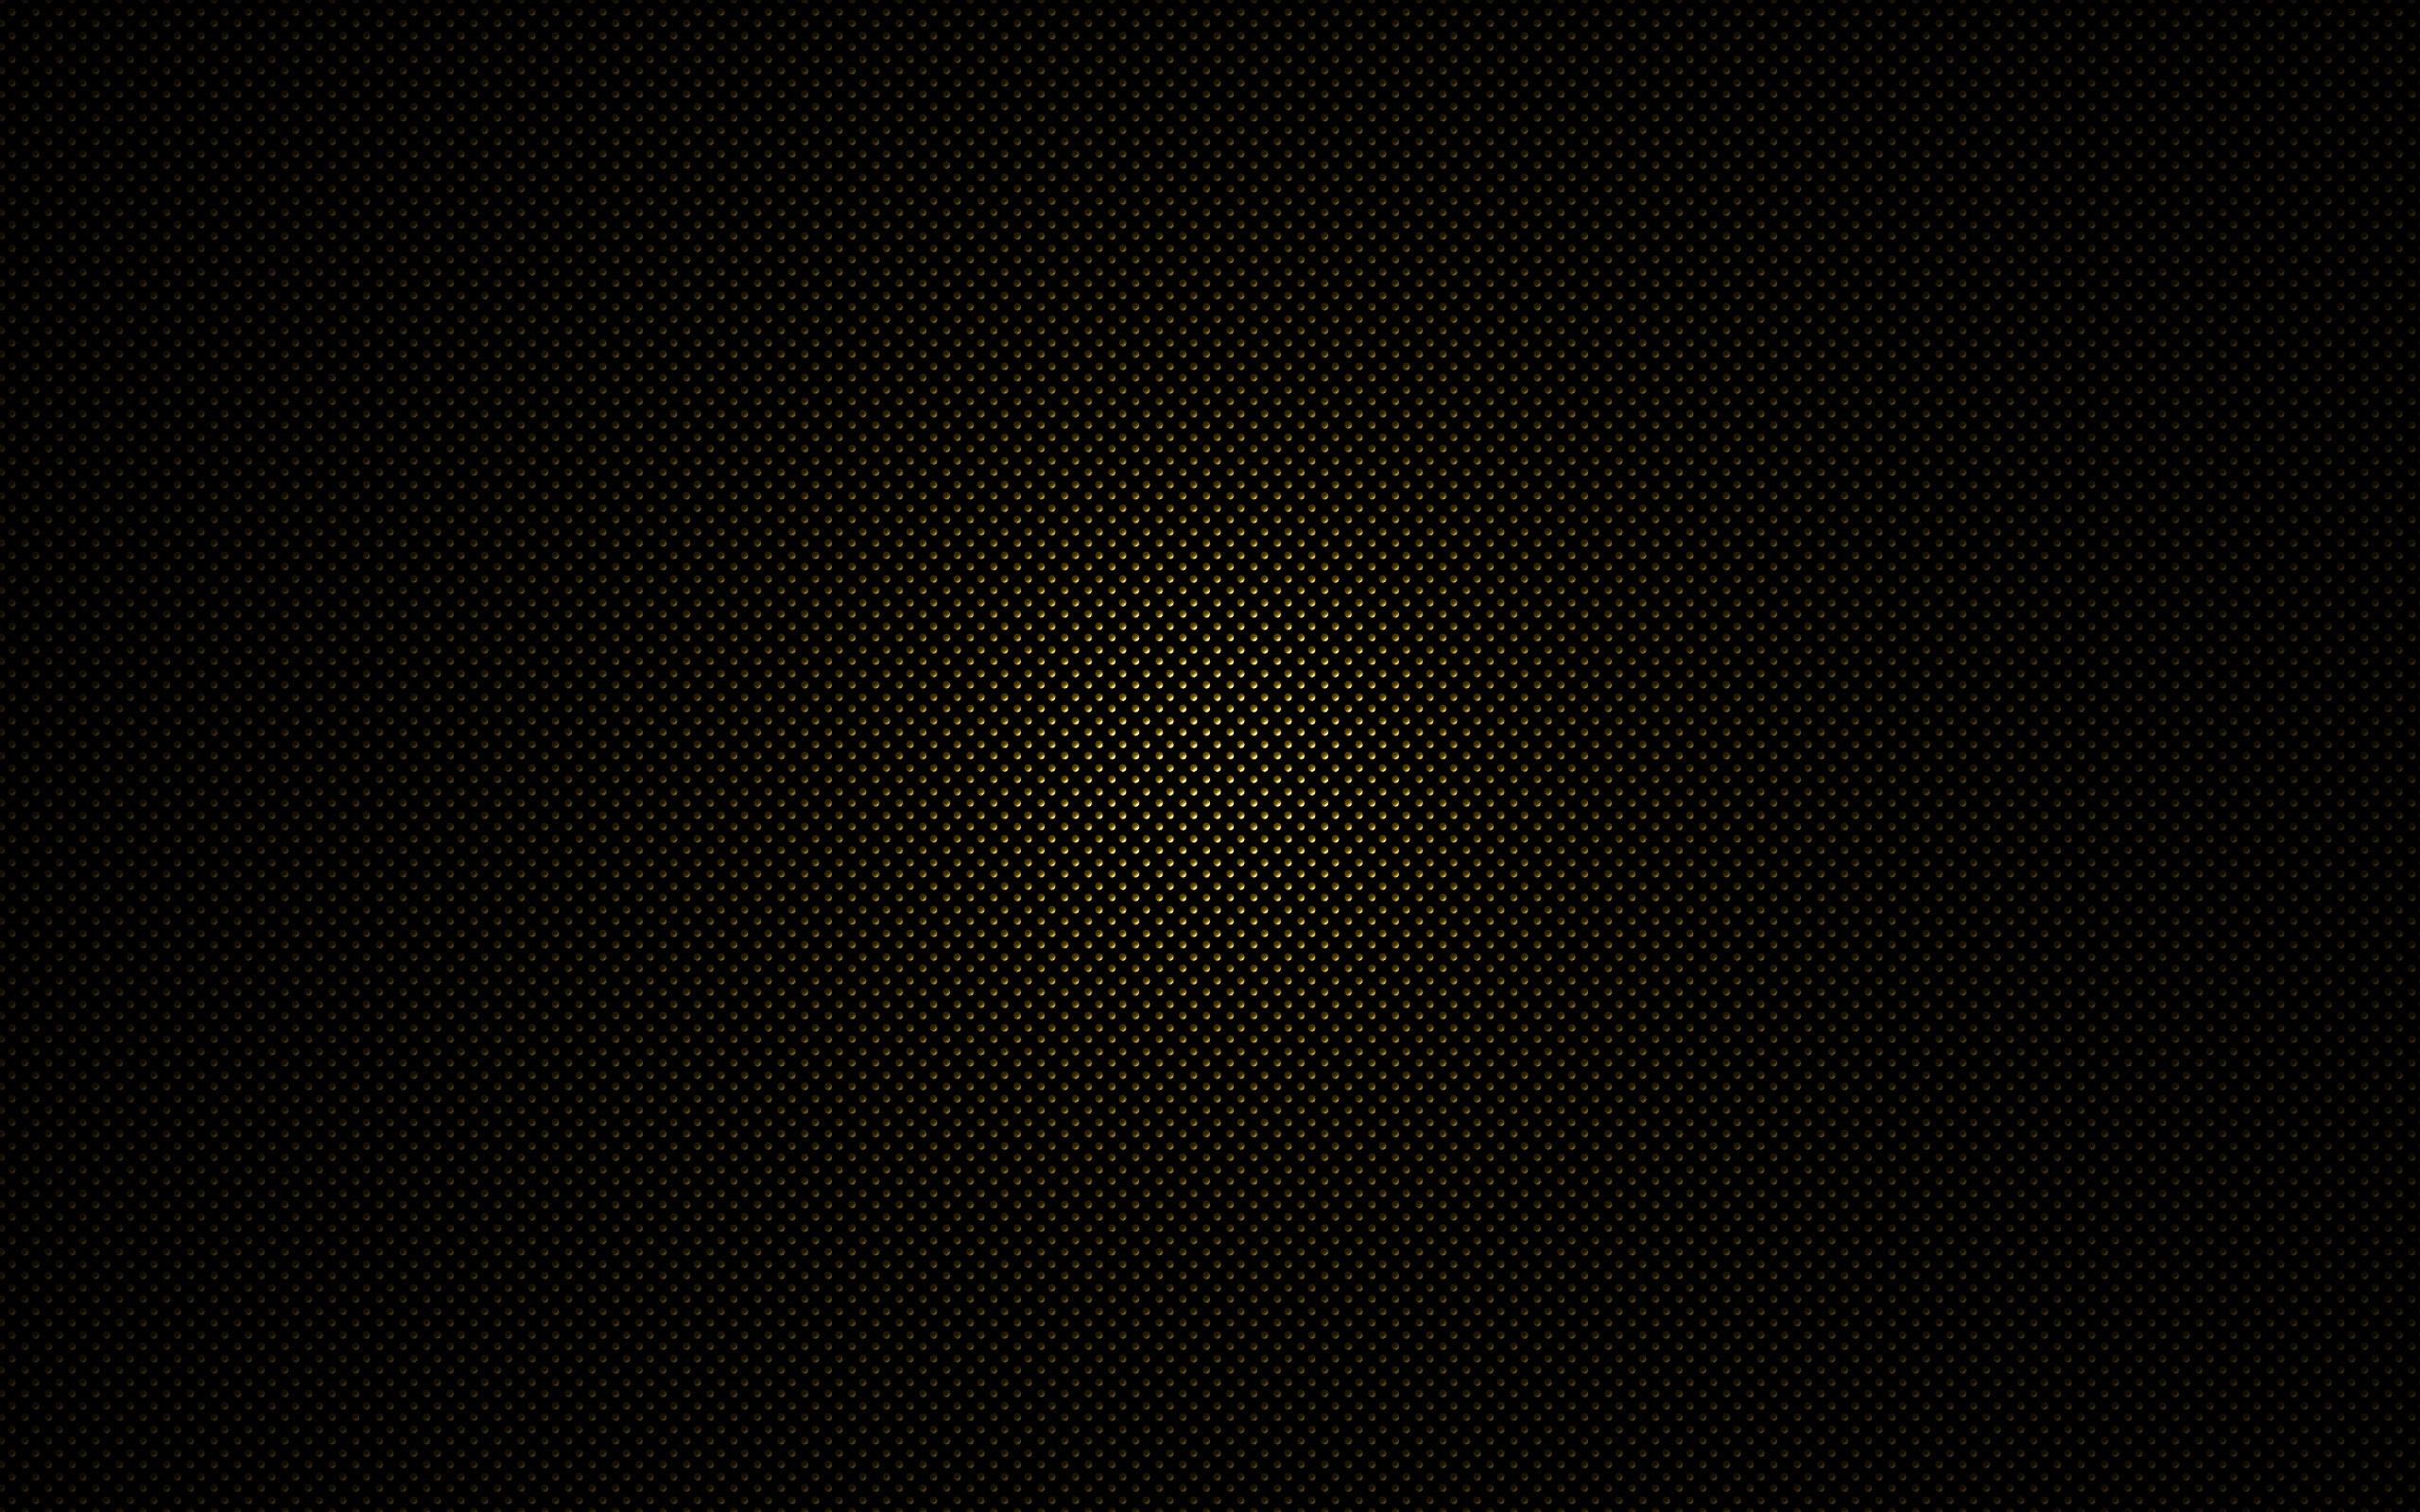 macbook retina wallpapers chainsmokers - photo #35